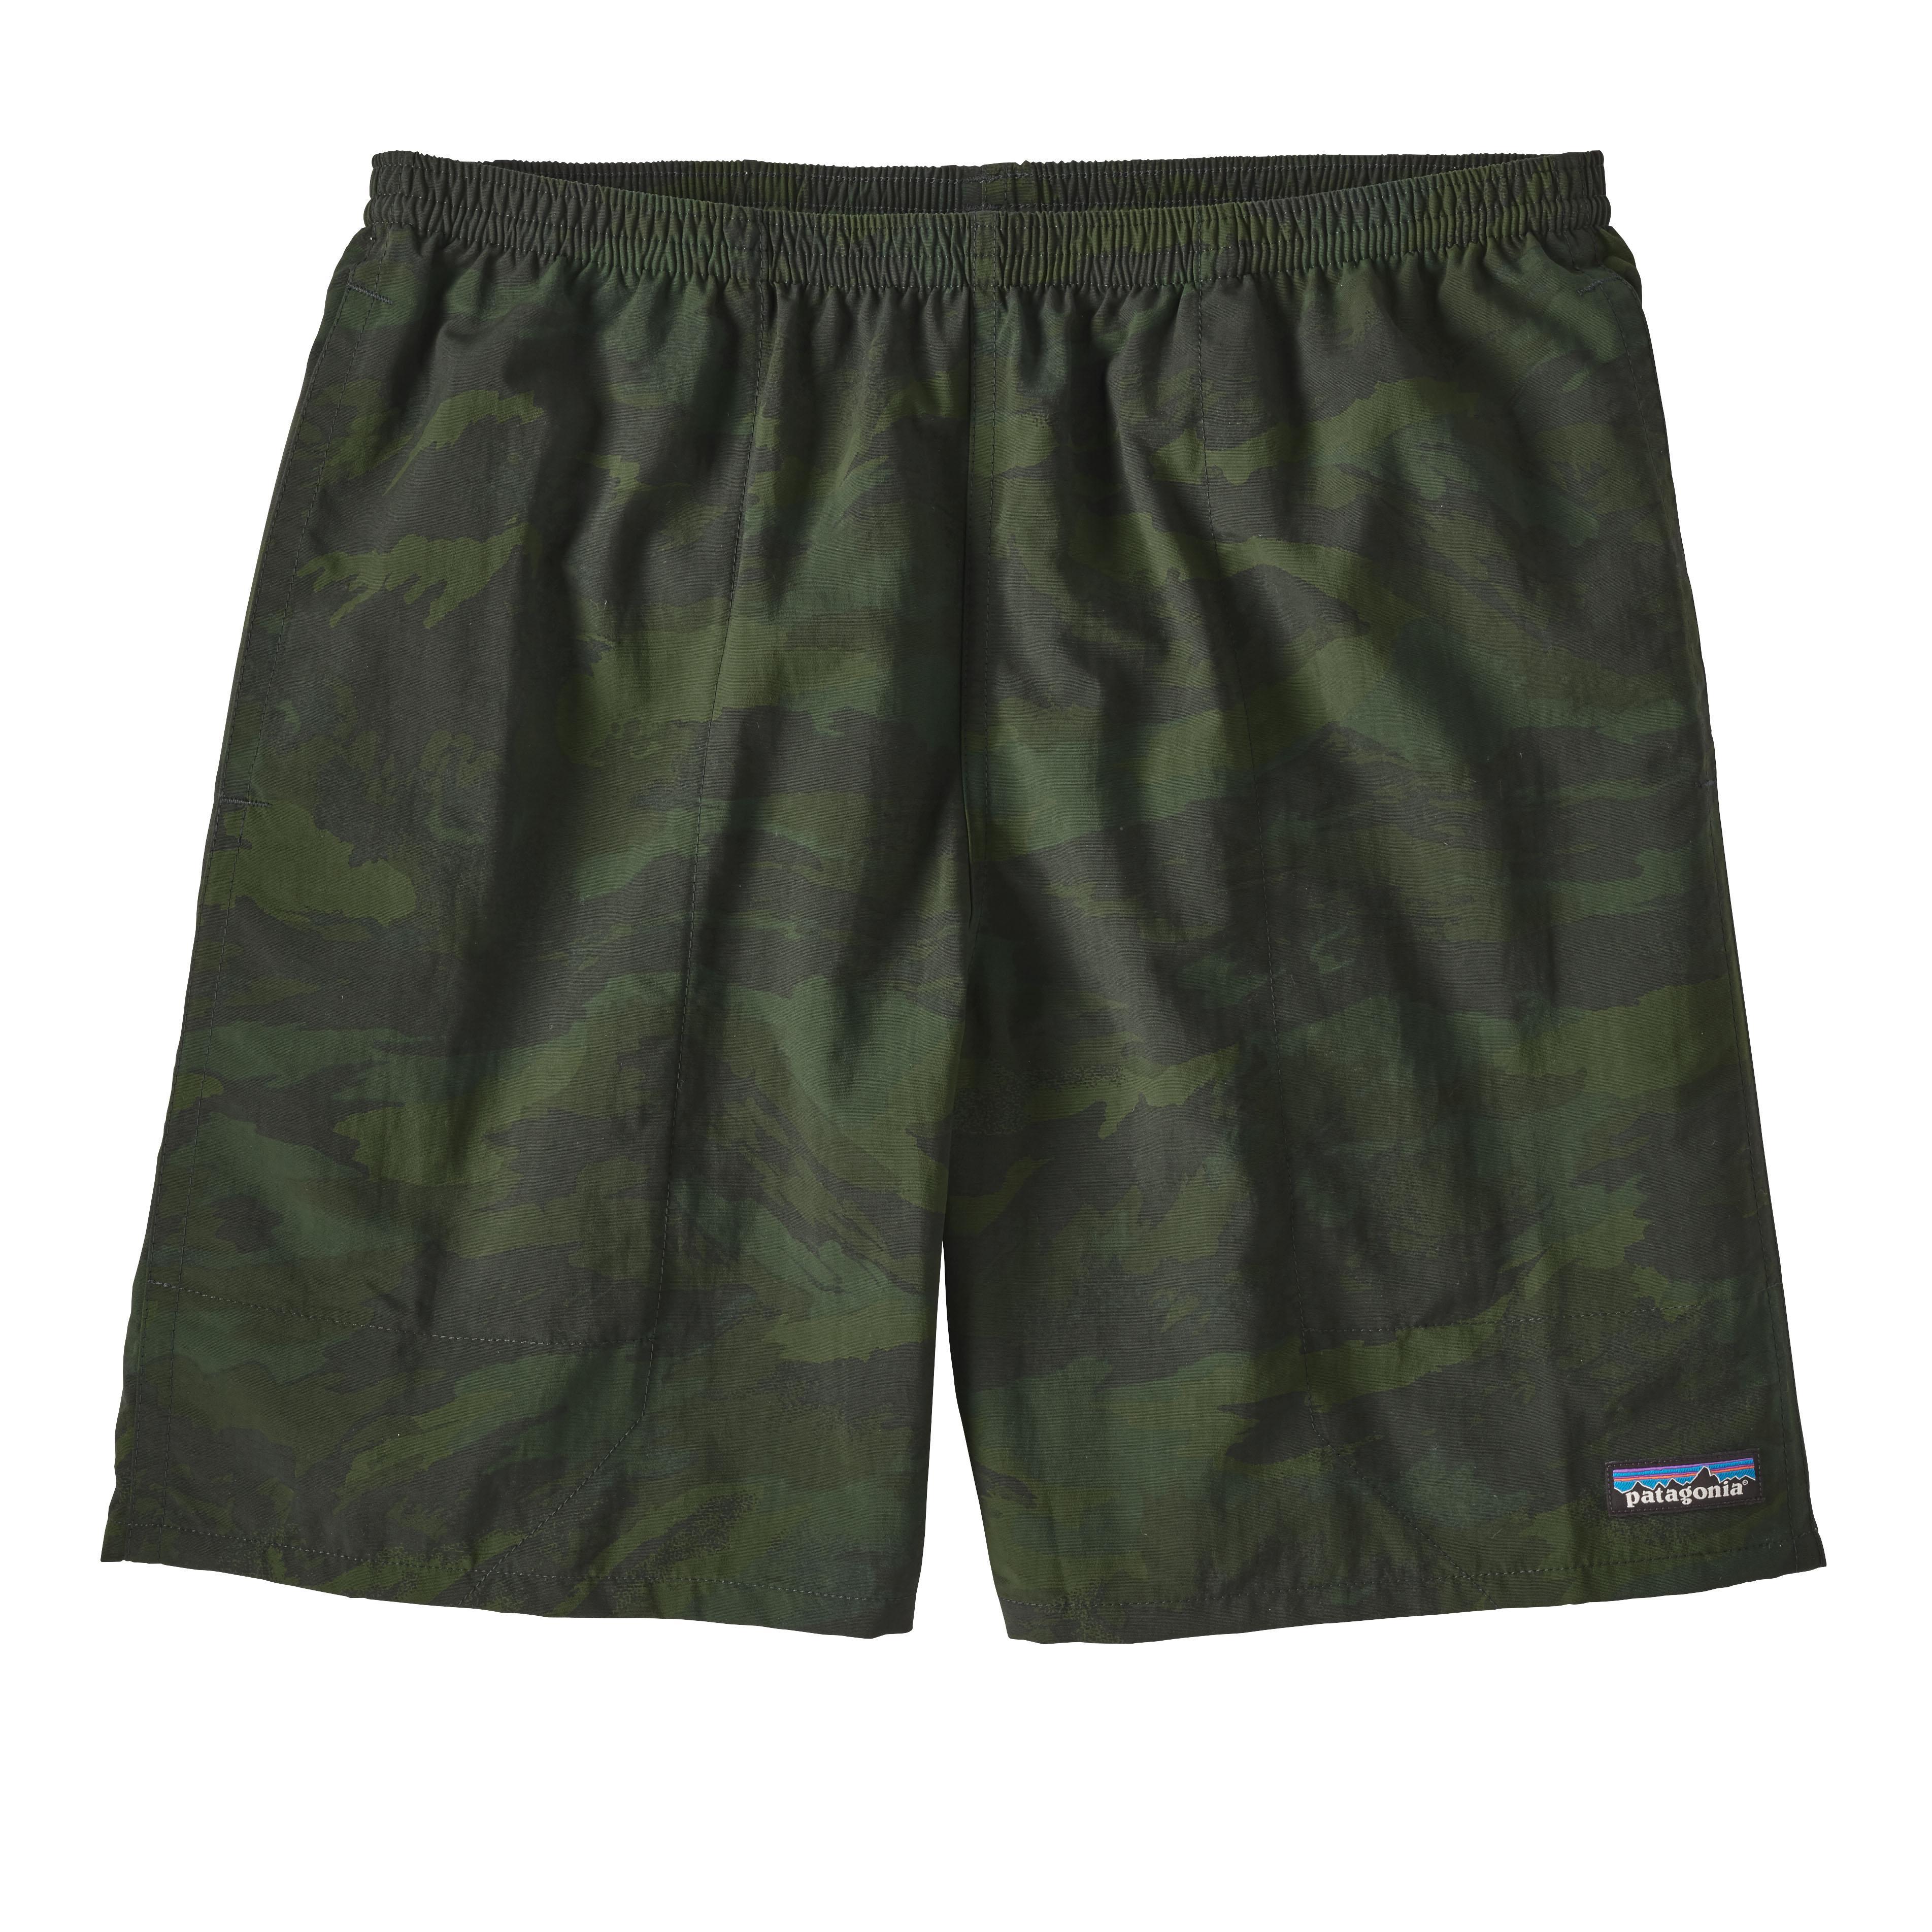 Patagonia Men's Baggies Shorts 7in Inseam ENCB_CARB